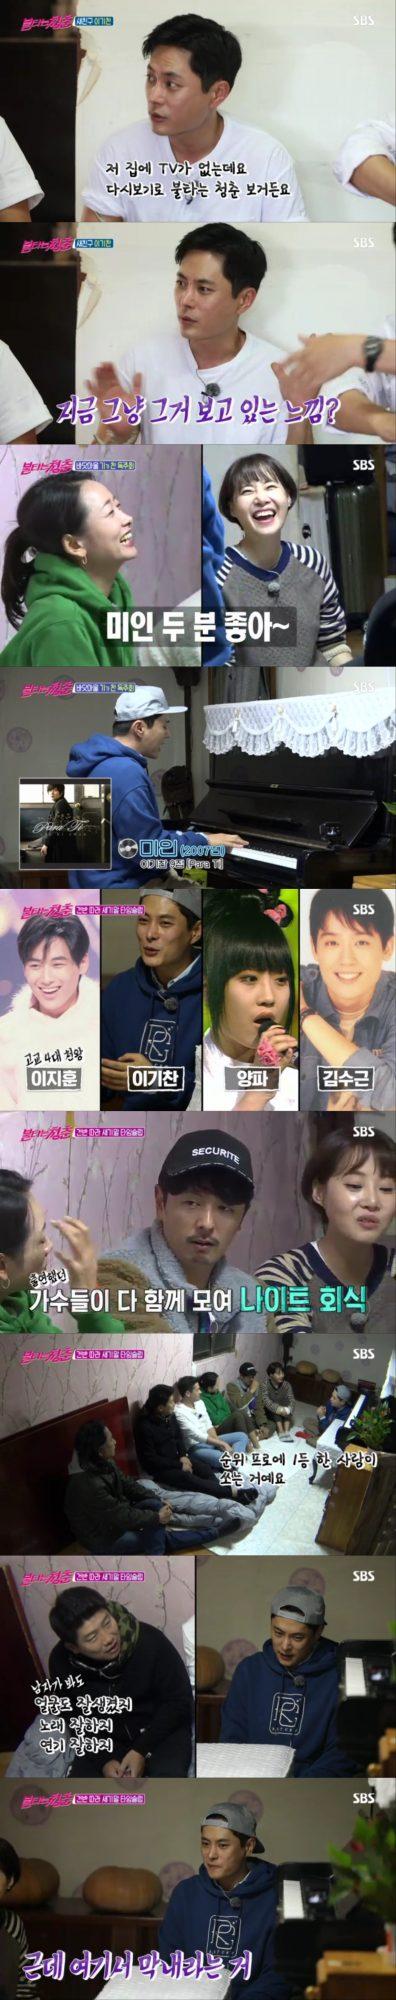 '불타는 청춘' 방송 캡처. /사진제공=SBS